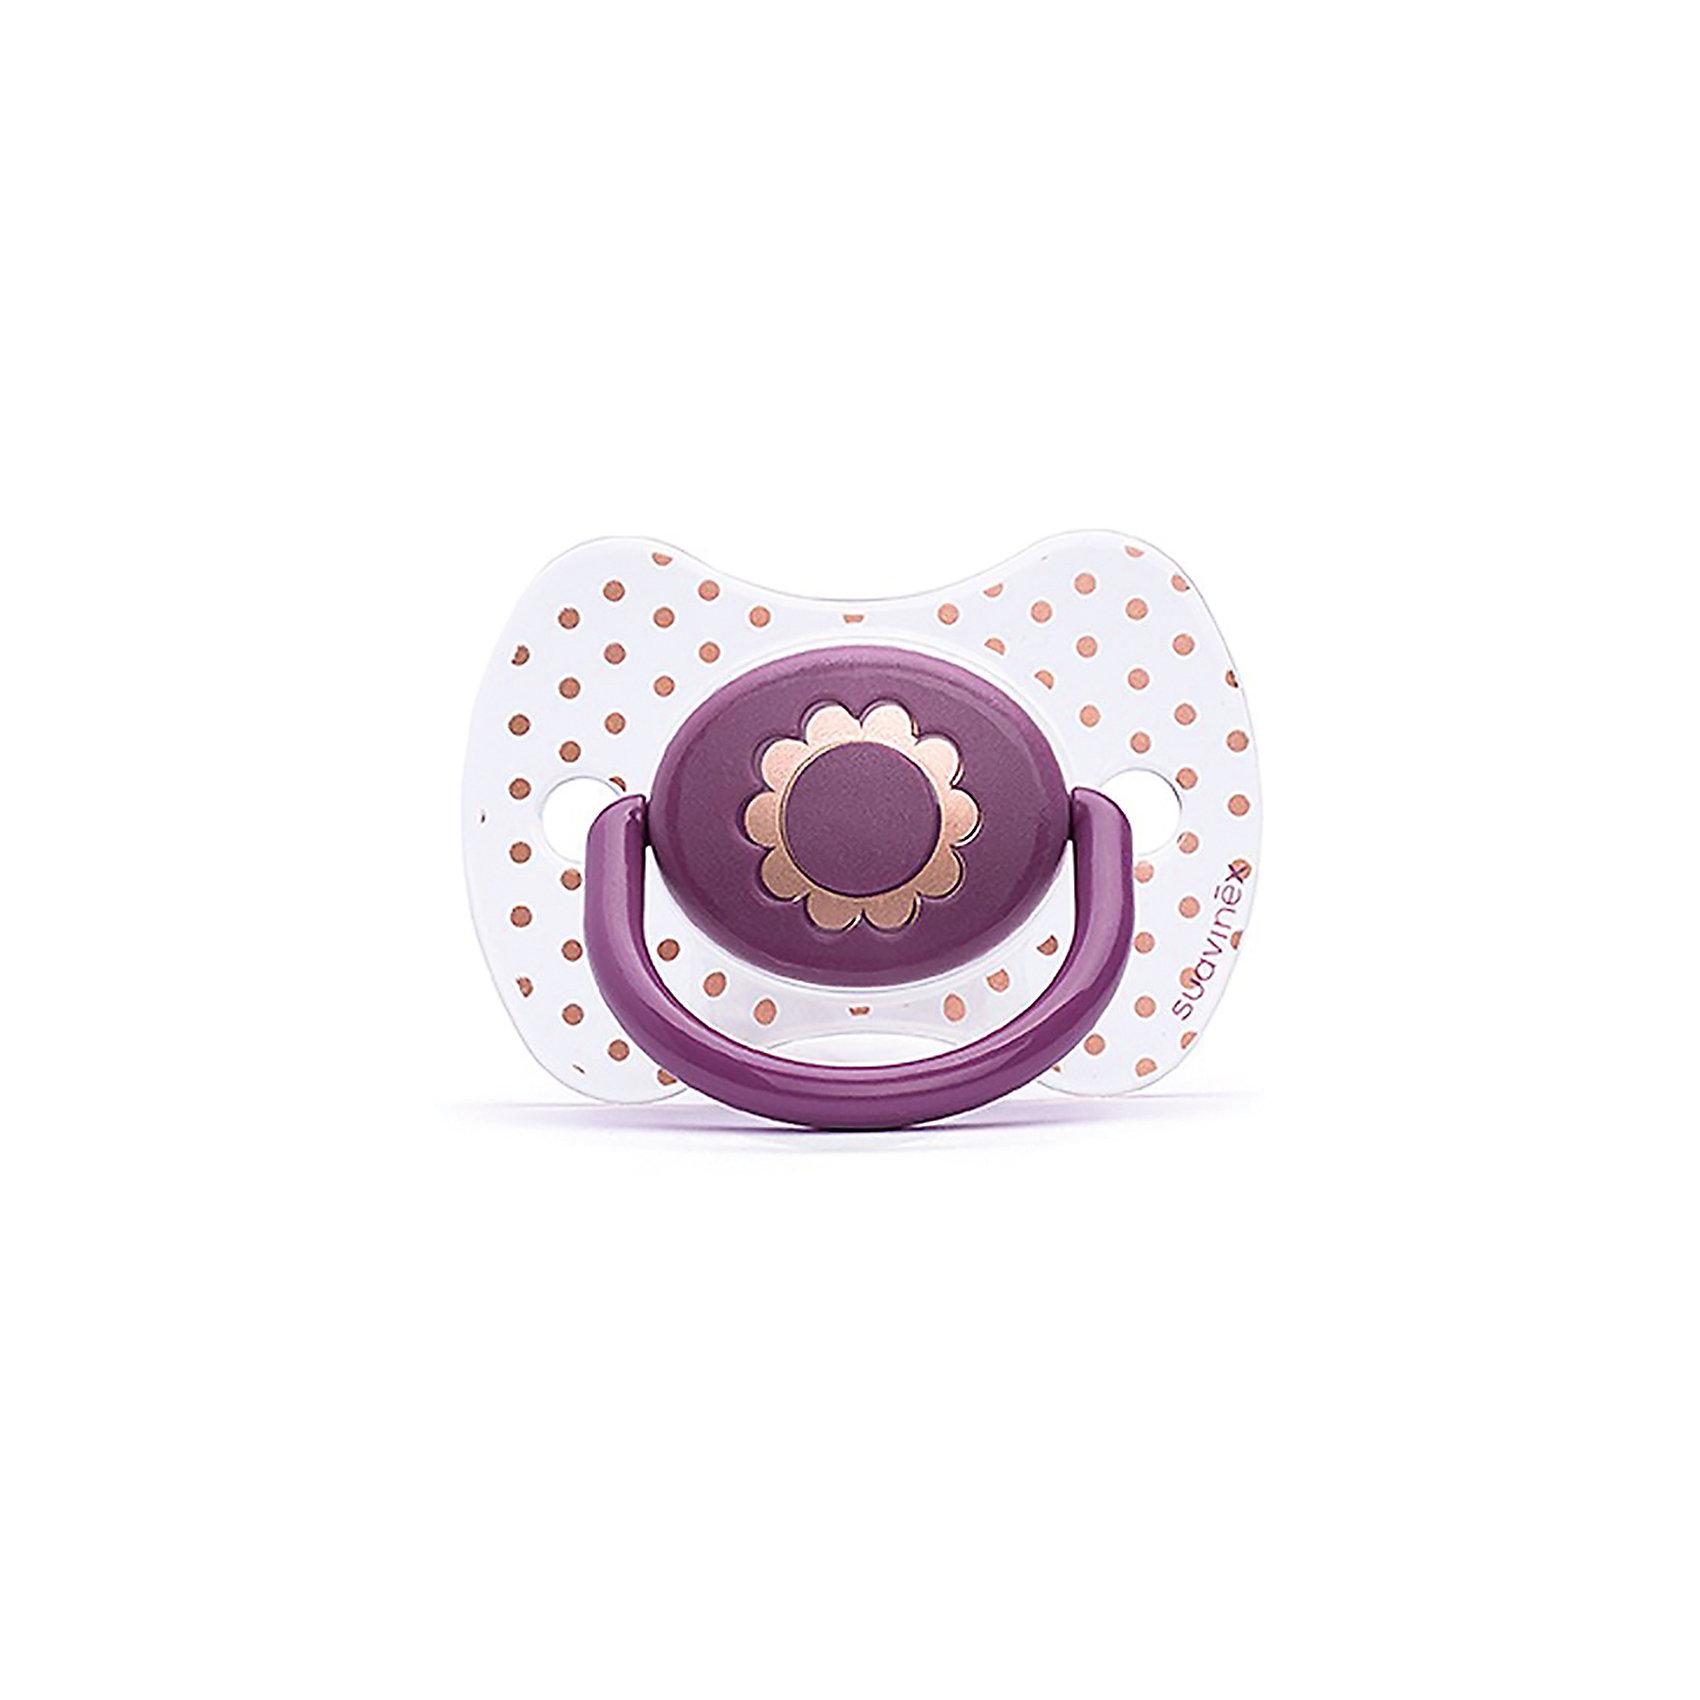 Пустышка силиконовая Haute Couture, от 4 мес, Suavinex, фиолетовый цветокПустышки и аксессуары<br>Характеристики:<br><br>• Наименование: пустышка<br>• Рекомендуемый возраст: от 4 месяцев<br>• Пол: для девочки<br>• Материал: силикон, пластик<br>• Цвет: фиолетовый, белый, золотистый<br>• Рисунок: цветы, горошинки<br>• Форма: физиологическая<br>• Наличие вентиляционных отверстий <br>• Кольцо для держателя<br>• С эффектом позолоты<br>• Вес: 31 г<br>• Параметры (Д*Ш*В): 6,1*6,1*9,1 см <br>• Особенности ухода: можно мыть в теплой воде, регулярная стерилизация <br><br>Пустышка Haute Couture от 4 мес, Suavinex, фиолетовый цветок изготовлена испанским торговым брендом, специализирующимся на выпуске товаров для кормления и аксессуаров новорожденным и младенцам. Продукция от Suavinex разработана с учетом рекомендаций педиатров и стоматологов, что гарантирует качество и безопасность использованных материалов. <br><br>Пластик, из которого изготовлено изделие, устойчив к появлению царапин и сколов, благодаря чему пустышка длительное время сохраняет свои гигиенические свойства. Форма у соски способствует равномерному распределению давления на небо, что обеспечивает правильное формирование речевого аппарата. <br><br>Пустышка имеет классическую форму, для прикрепления держателя предусмотрено кольцо. Изделие выполнено в брендовом дизайне, с изображением цветка. Рисунок с эффектом позолоты нанесен по инновационной технологии, которая обеспечивает стойкость рисунка даже при длительном использовании и частой стерилизации.<br><br>Пустышку Haute Couture от 4 мес, Suavinex, фиолетовый цветок можно купить в нашем интернет-магазине.<br><br>Ширина мм: 61<br>Глубина мм: 61<br>Высота мм: 91<br>Вес г: 31<br>Возраст от месяцев: 4<br>Возраст до месяцев: 24<br>Пол: Женский<br>Возраст: Детский<br>SKU: 5451276